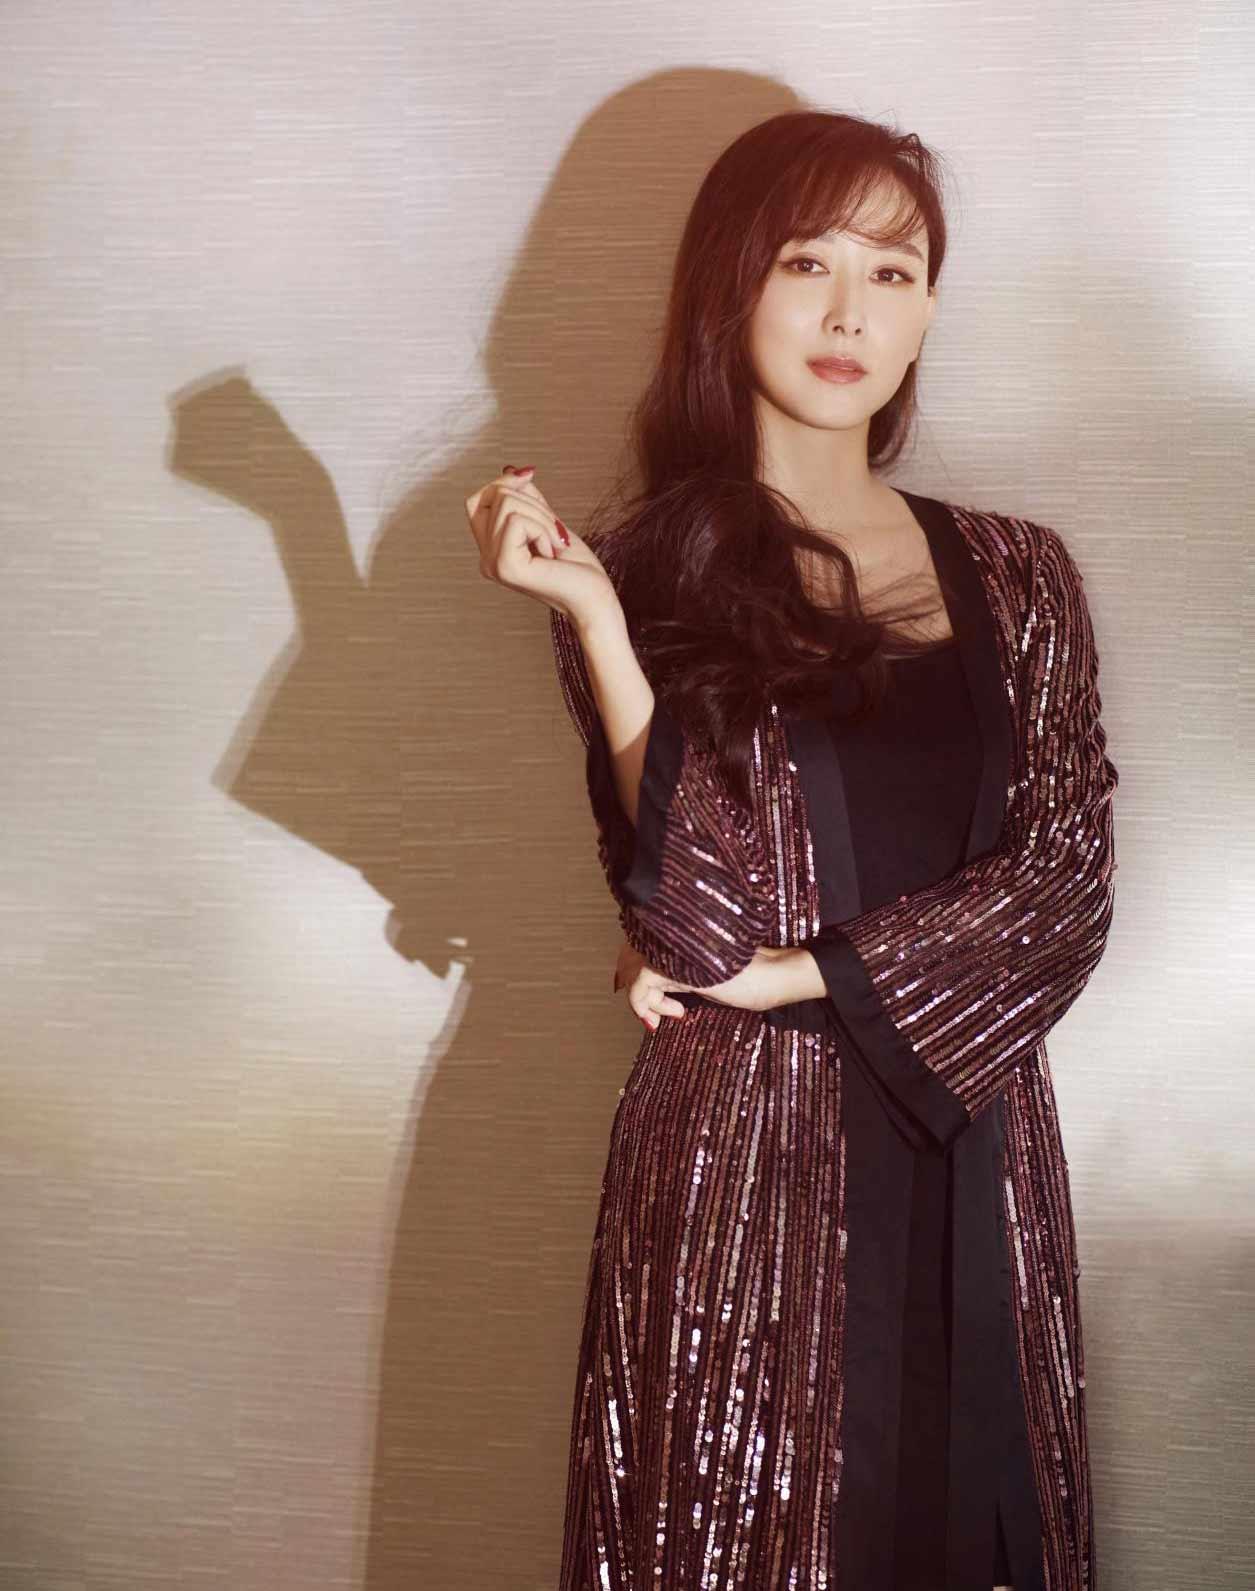 胡静亮片睡袍魅力吸晴   性感身材美出新高度